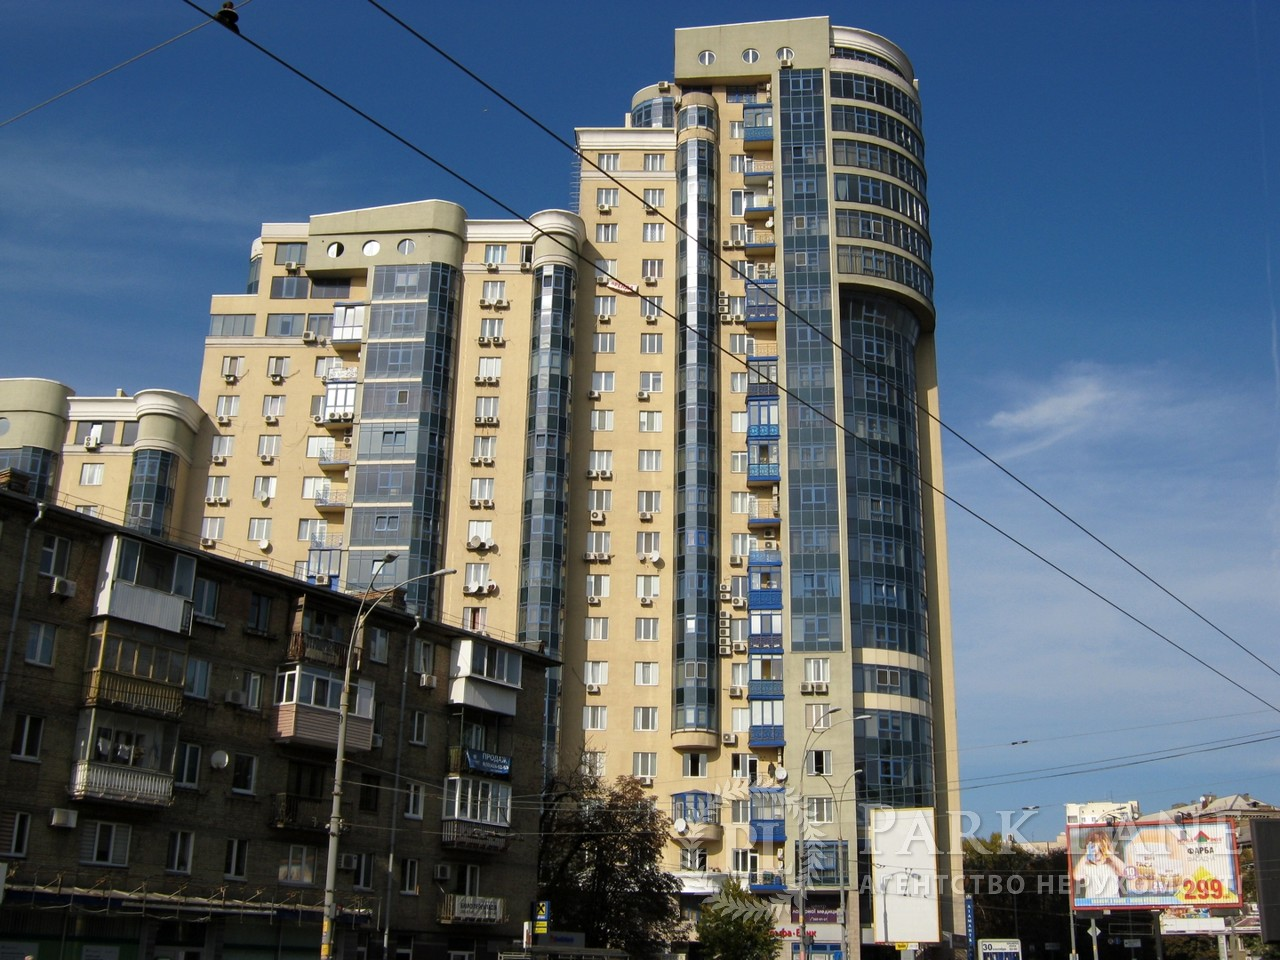 Нежилое помещение, ул. Московская, Киев, R-24705 - Фото 1